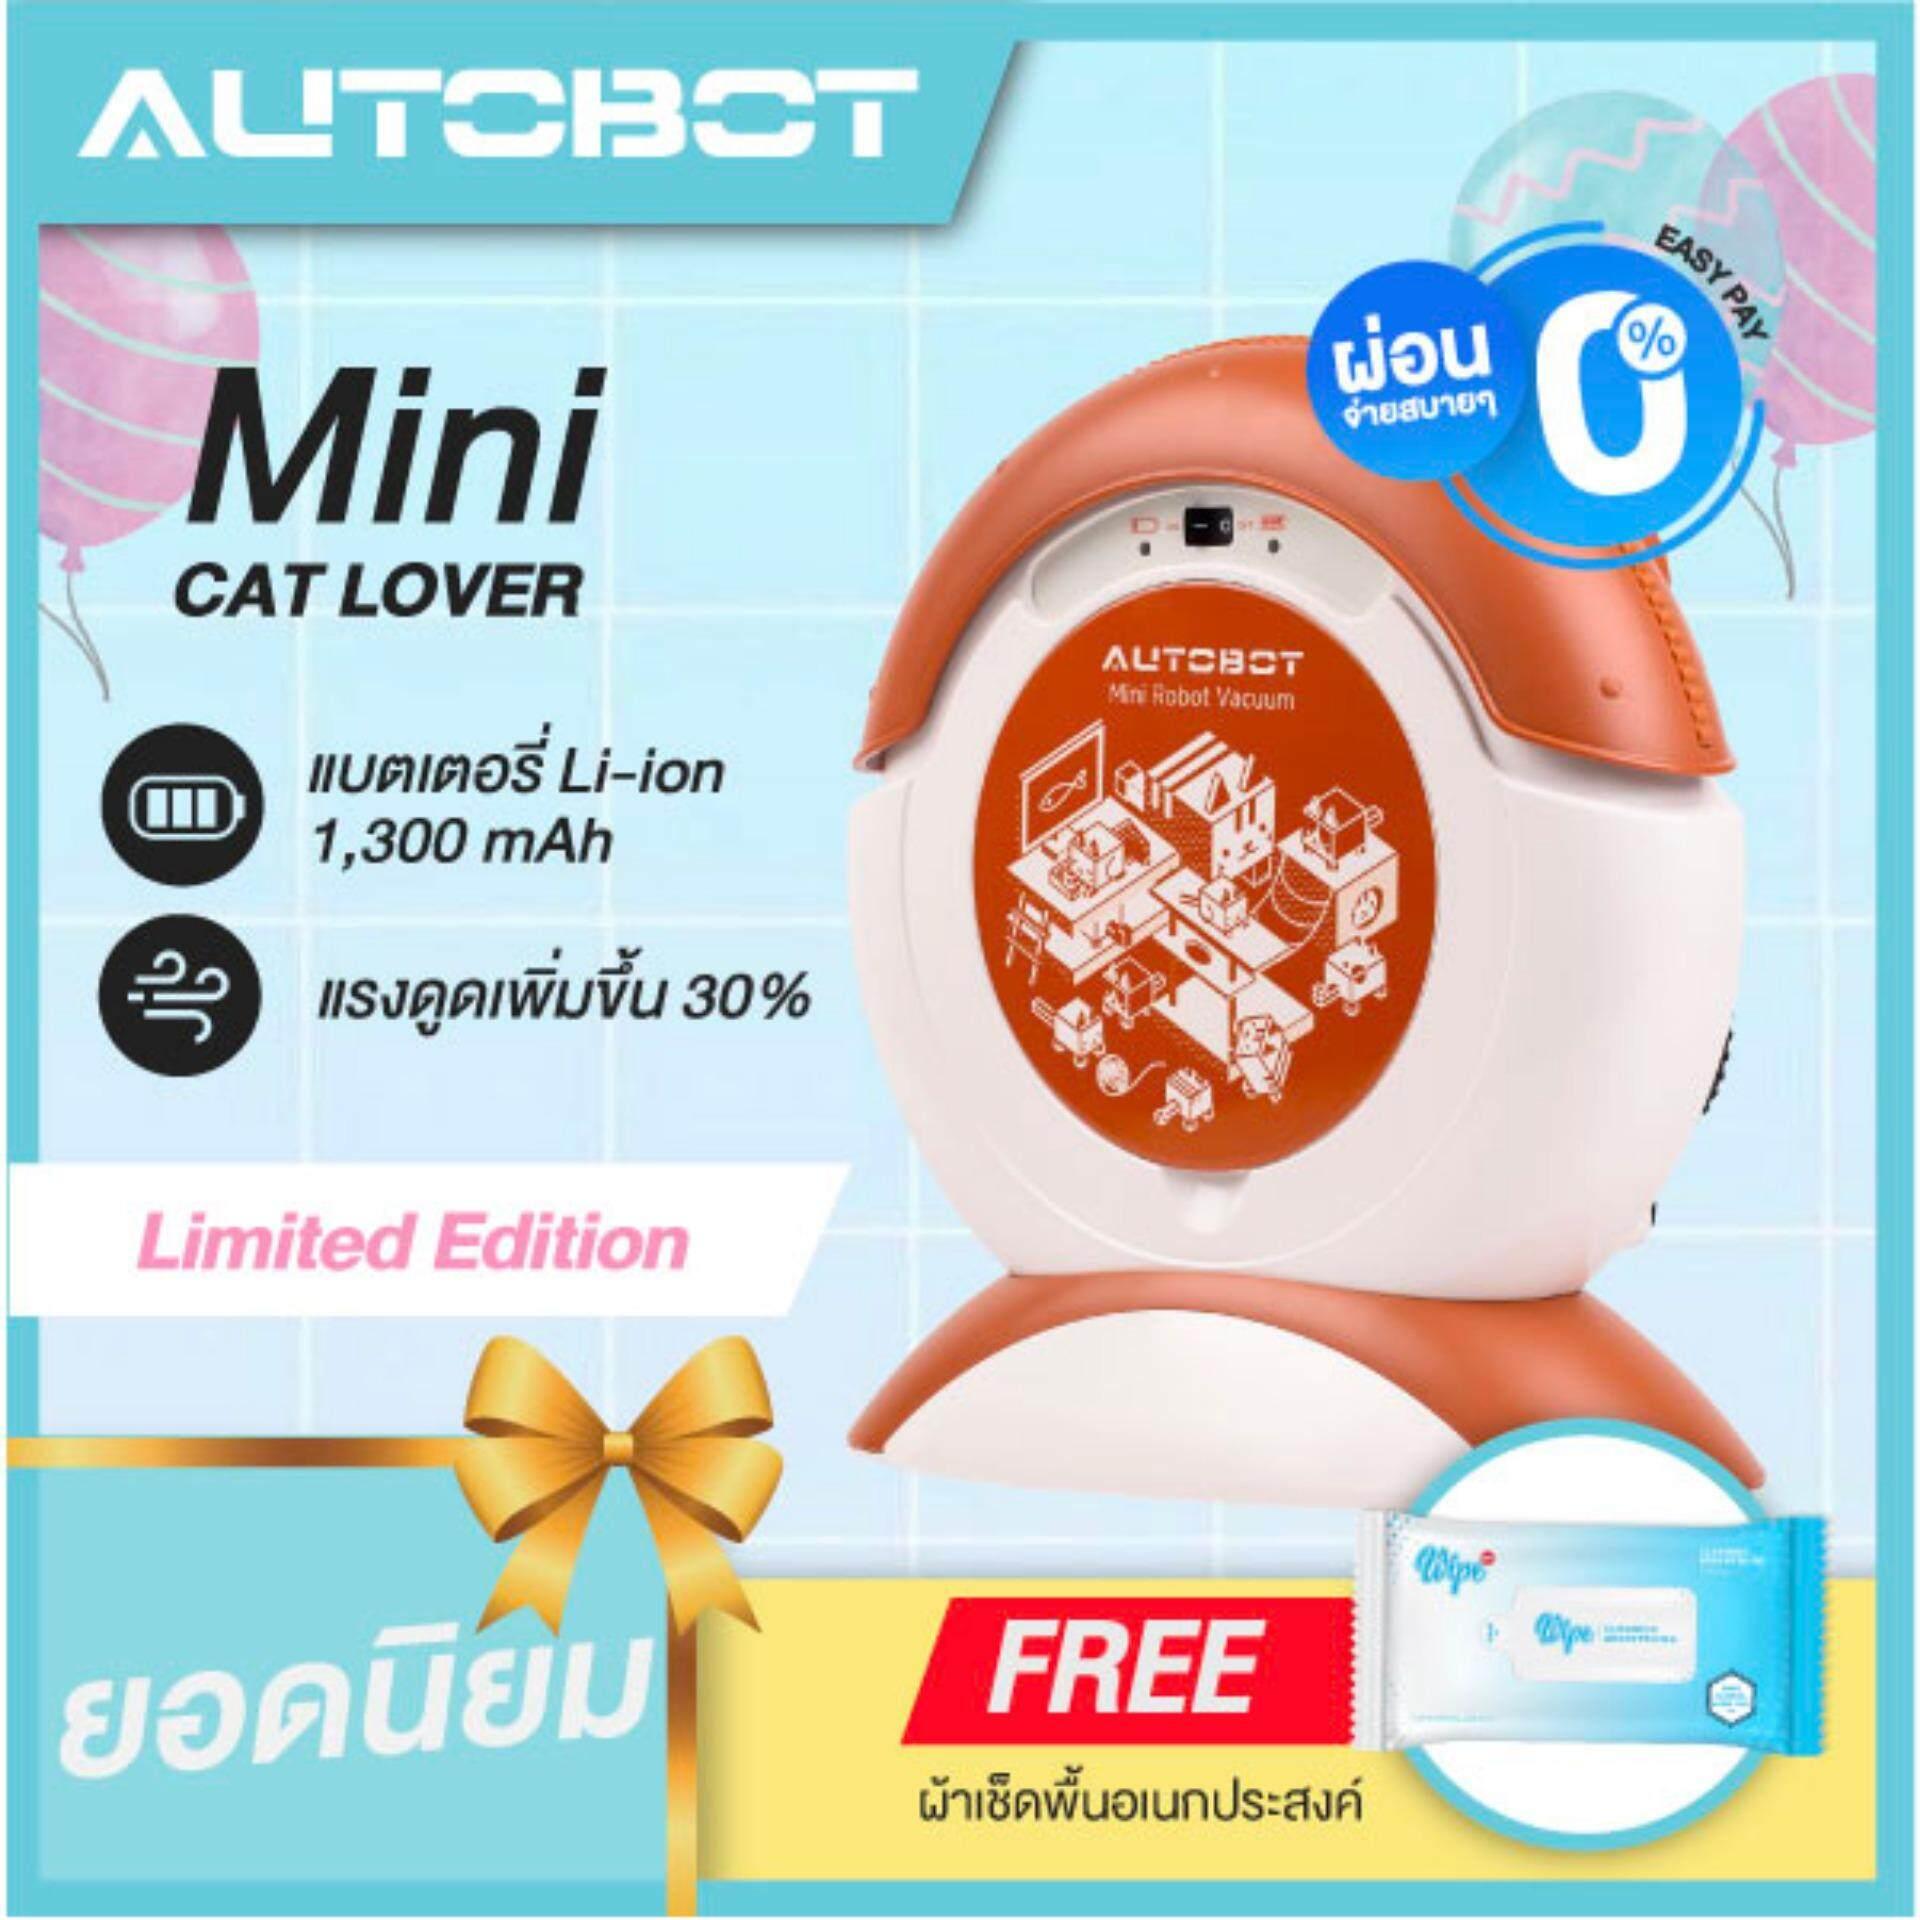 วิธีเลือกซื้อ  [ Limited Edition ] AUTOBOT หุ่นยนต์ดูดฝุ่น ถูพื้น โรบอท ระบบ Fuzzy Moving เครื่องดูดฝุ่น รุ่น Mini robot vacuum cleaner - Cat Lover - ซื้อที่ไหนดี